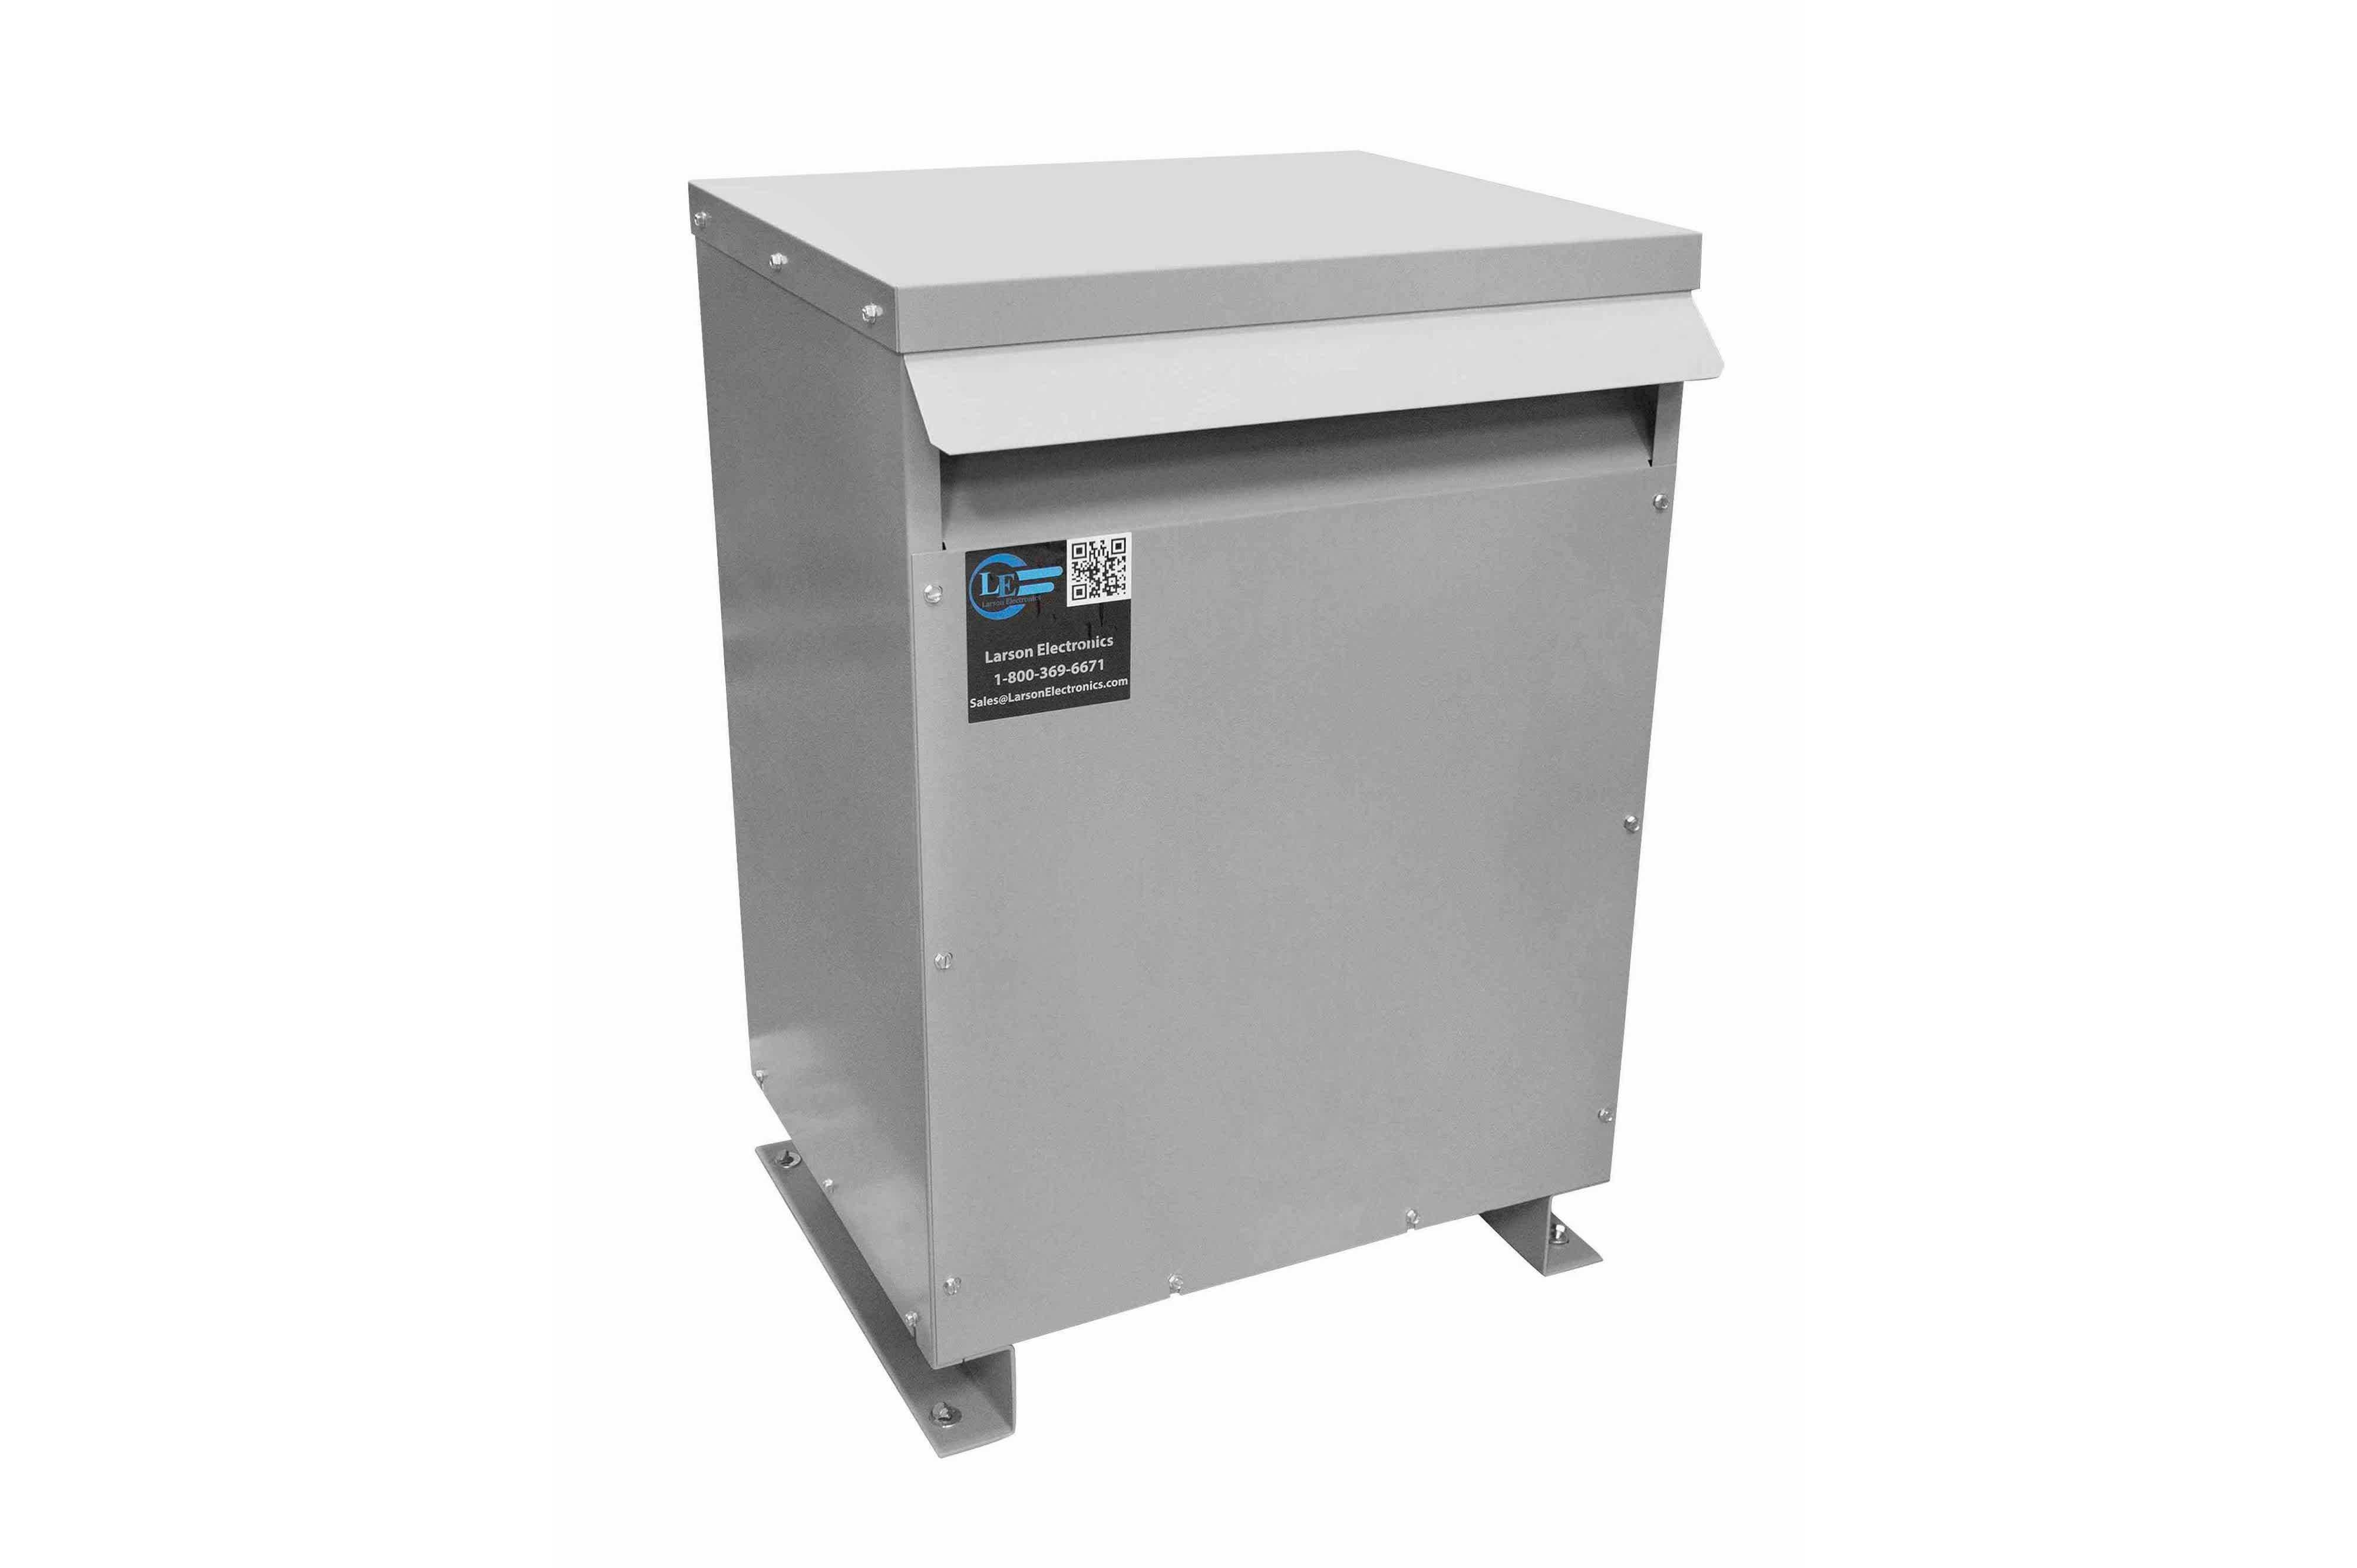 55 kVA 3PH Isolation Transformer, 380V Delta Primary, 208V Delta Secondary, N3R, Ventilated, 60 Hz